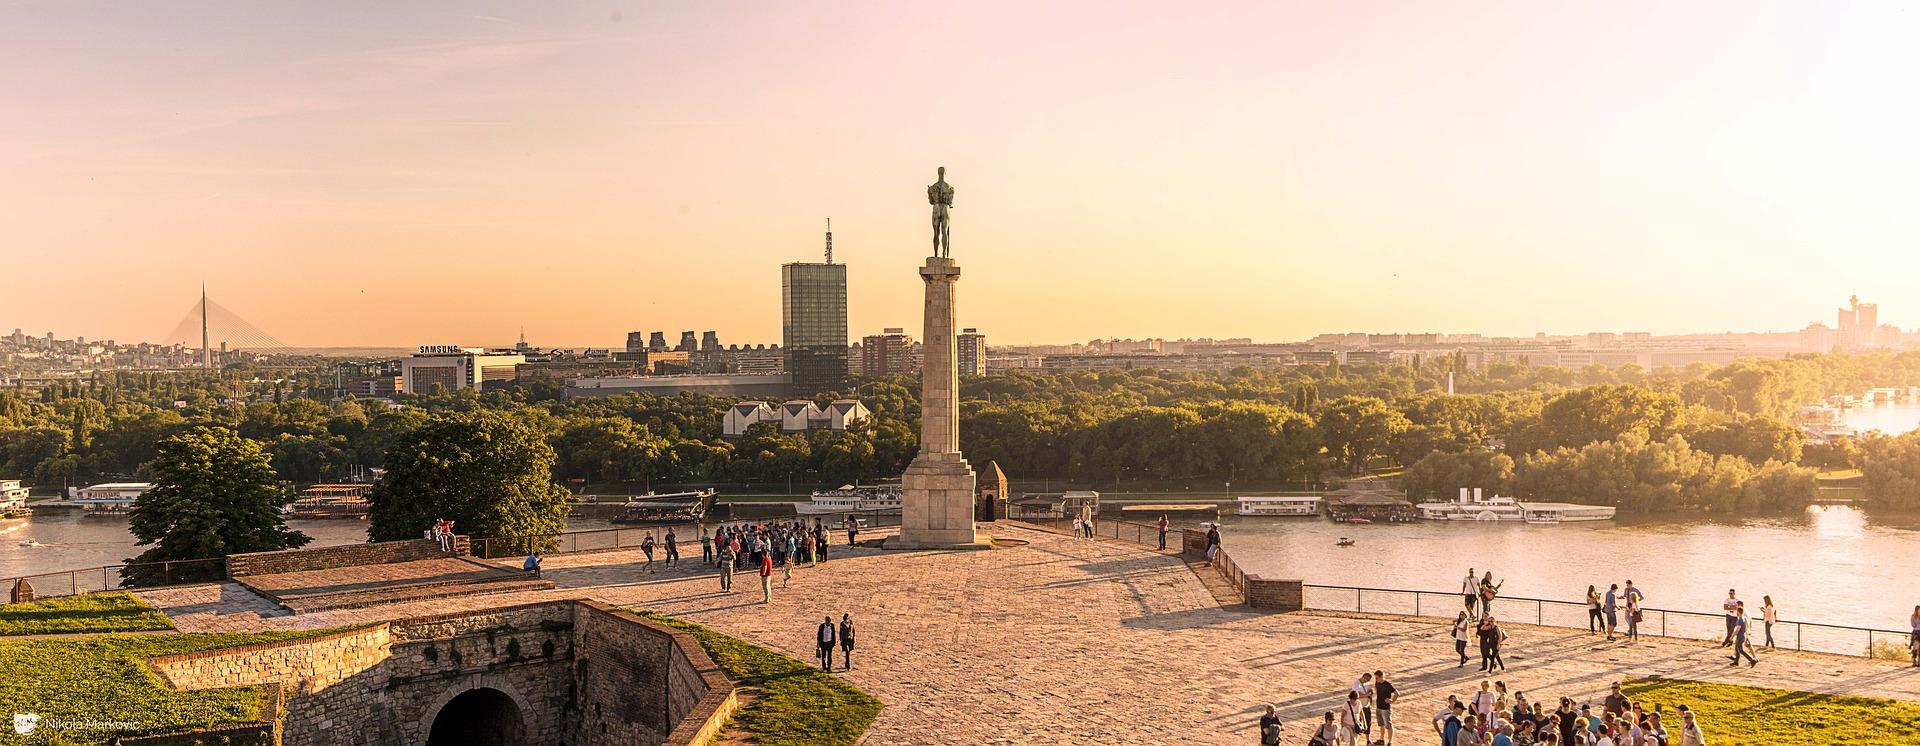 [FOTO] Možete li prepoznati koji glavni grad je na slici?